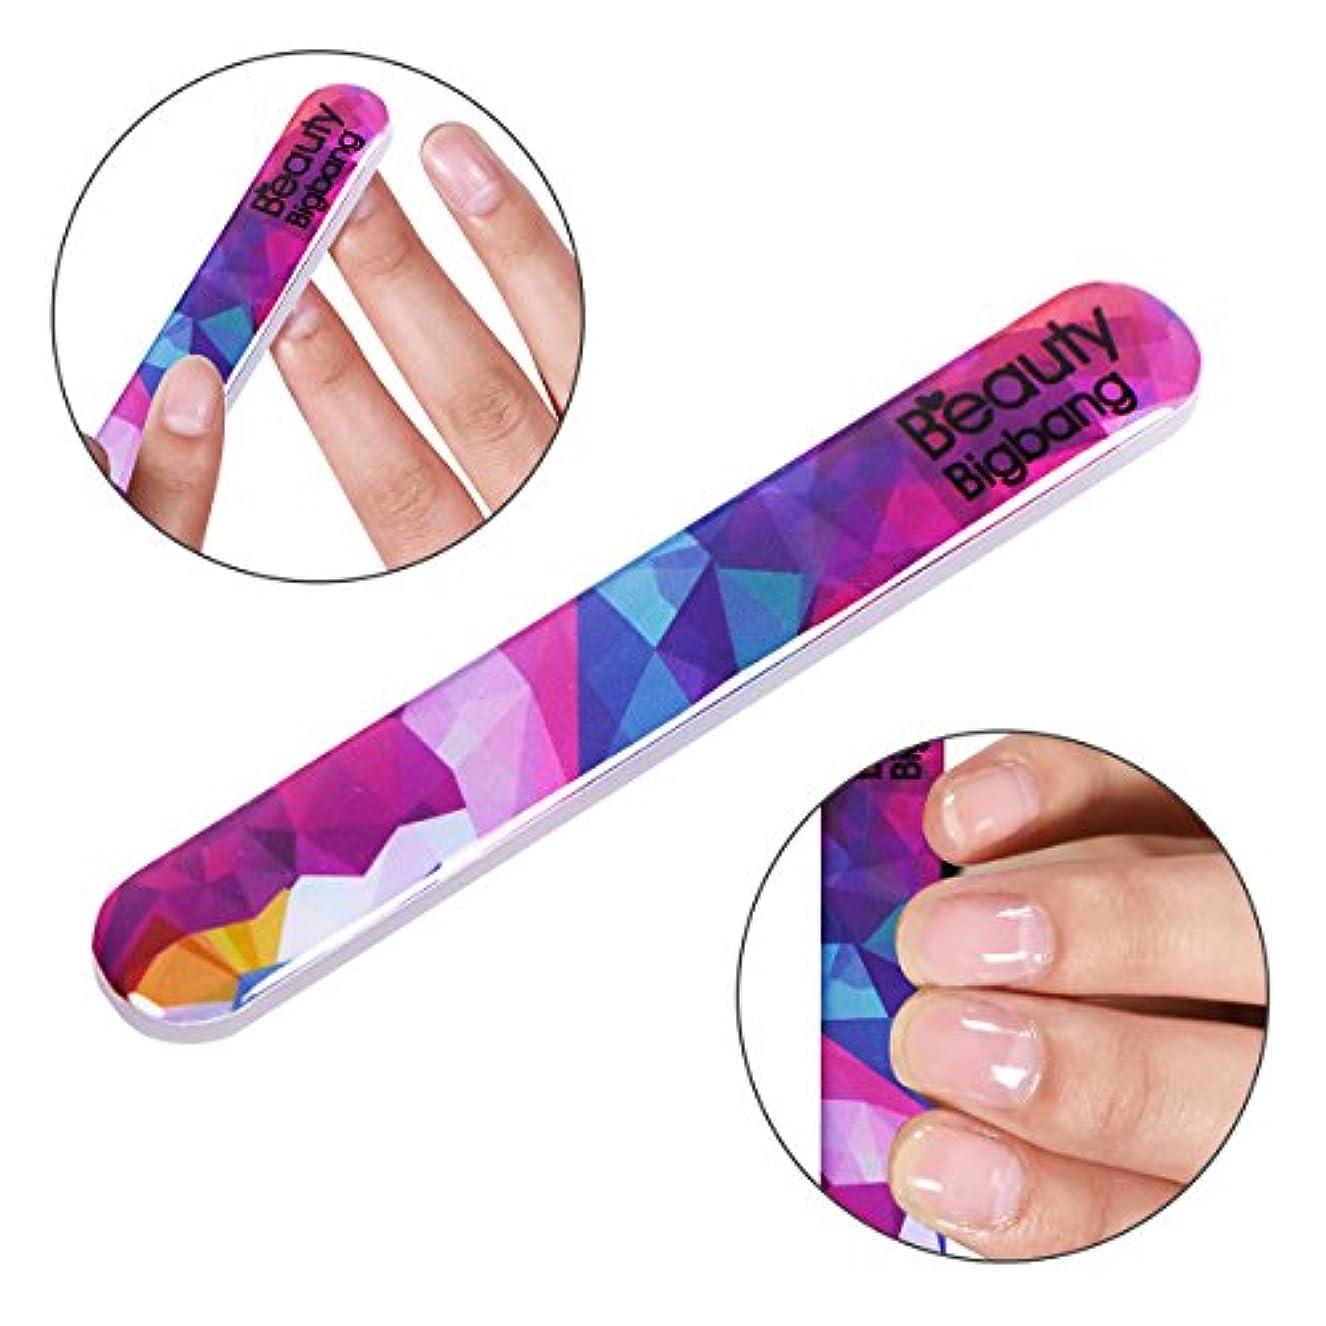 カップ割り当てるエコーOUYOU 爪やすり 爪磨き ピカピカ ネイルケア つめやすり甘皮 ネイルケア用品 ネイルアート